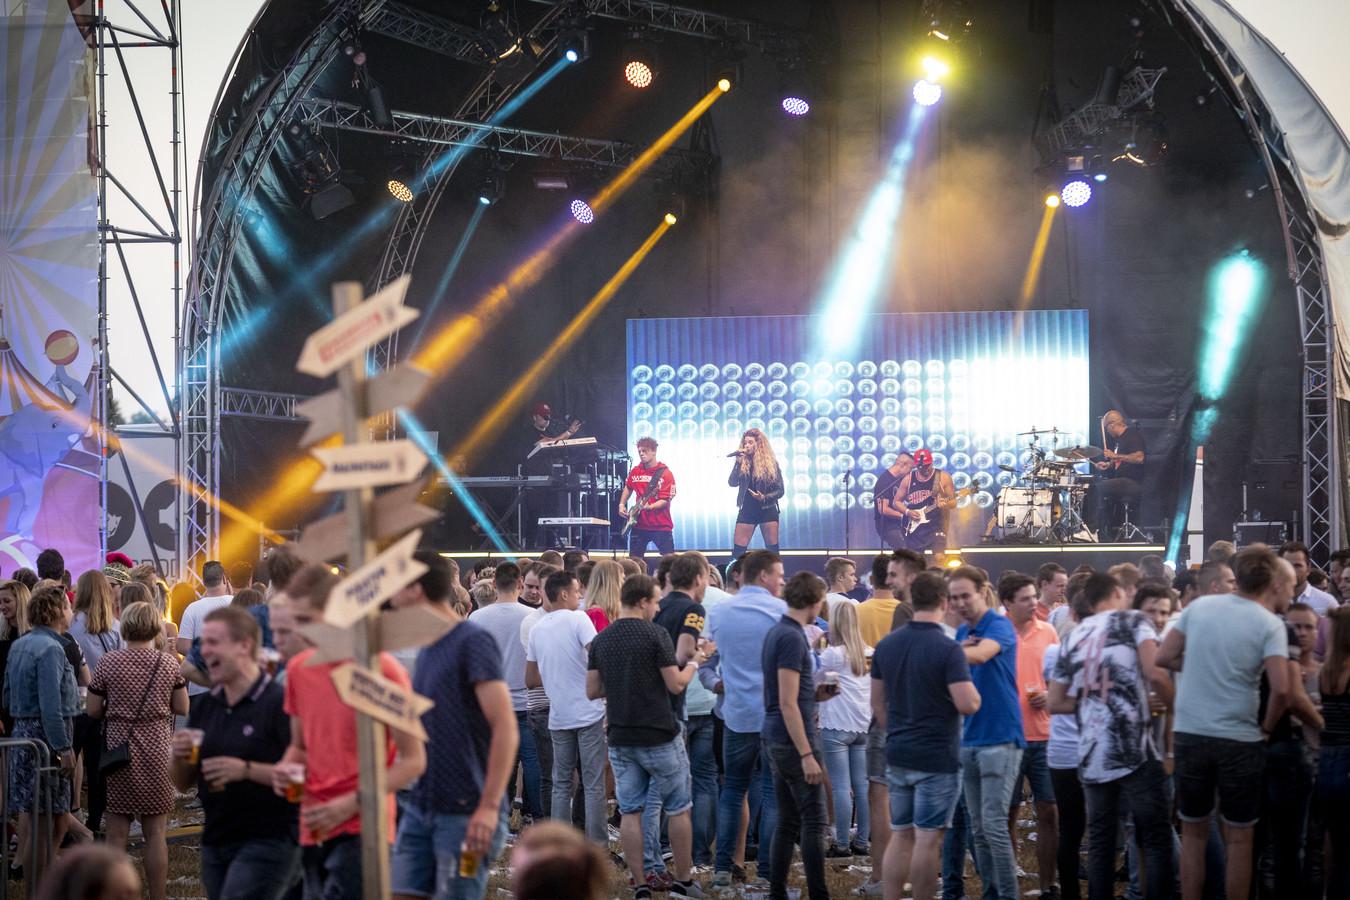 Dak d'r Af-festival in 2018.